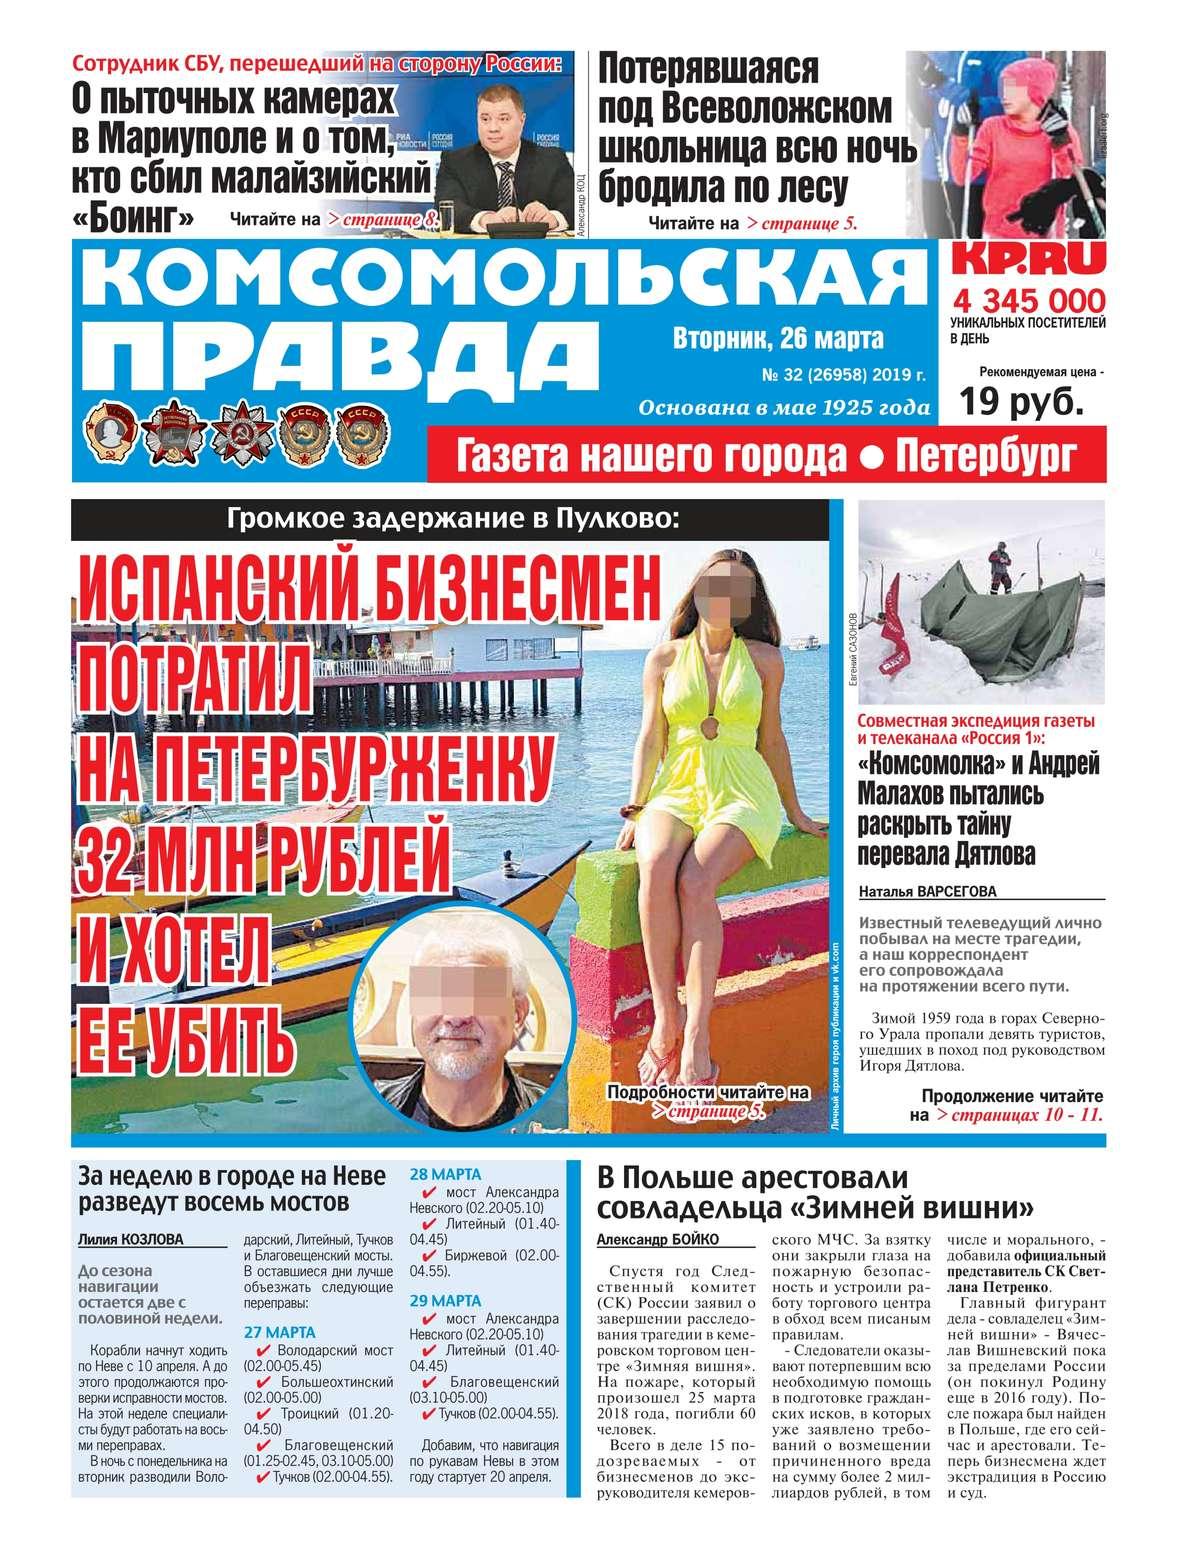 Редакция газеты Комсомольская Правда. - Комсомольская Правда. - 32-2019